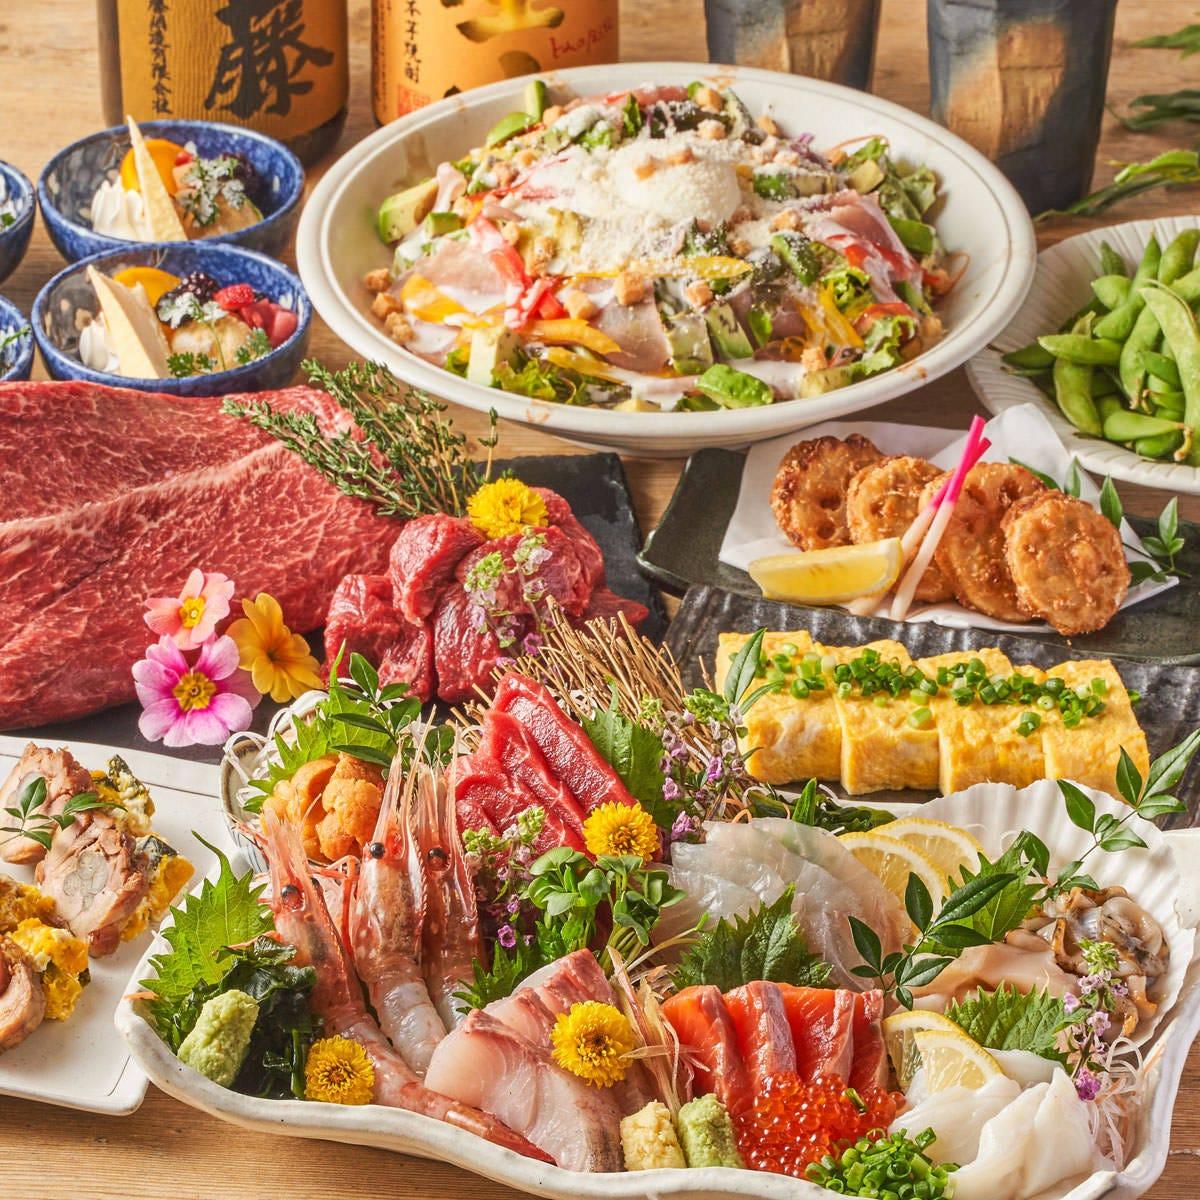 【新潟料理×鮮魚】 日本海の採れたて鮮魚もお楽しみ下さい◎